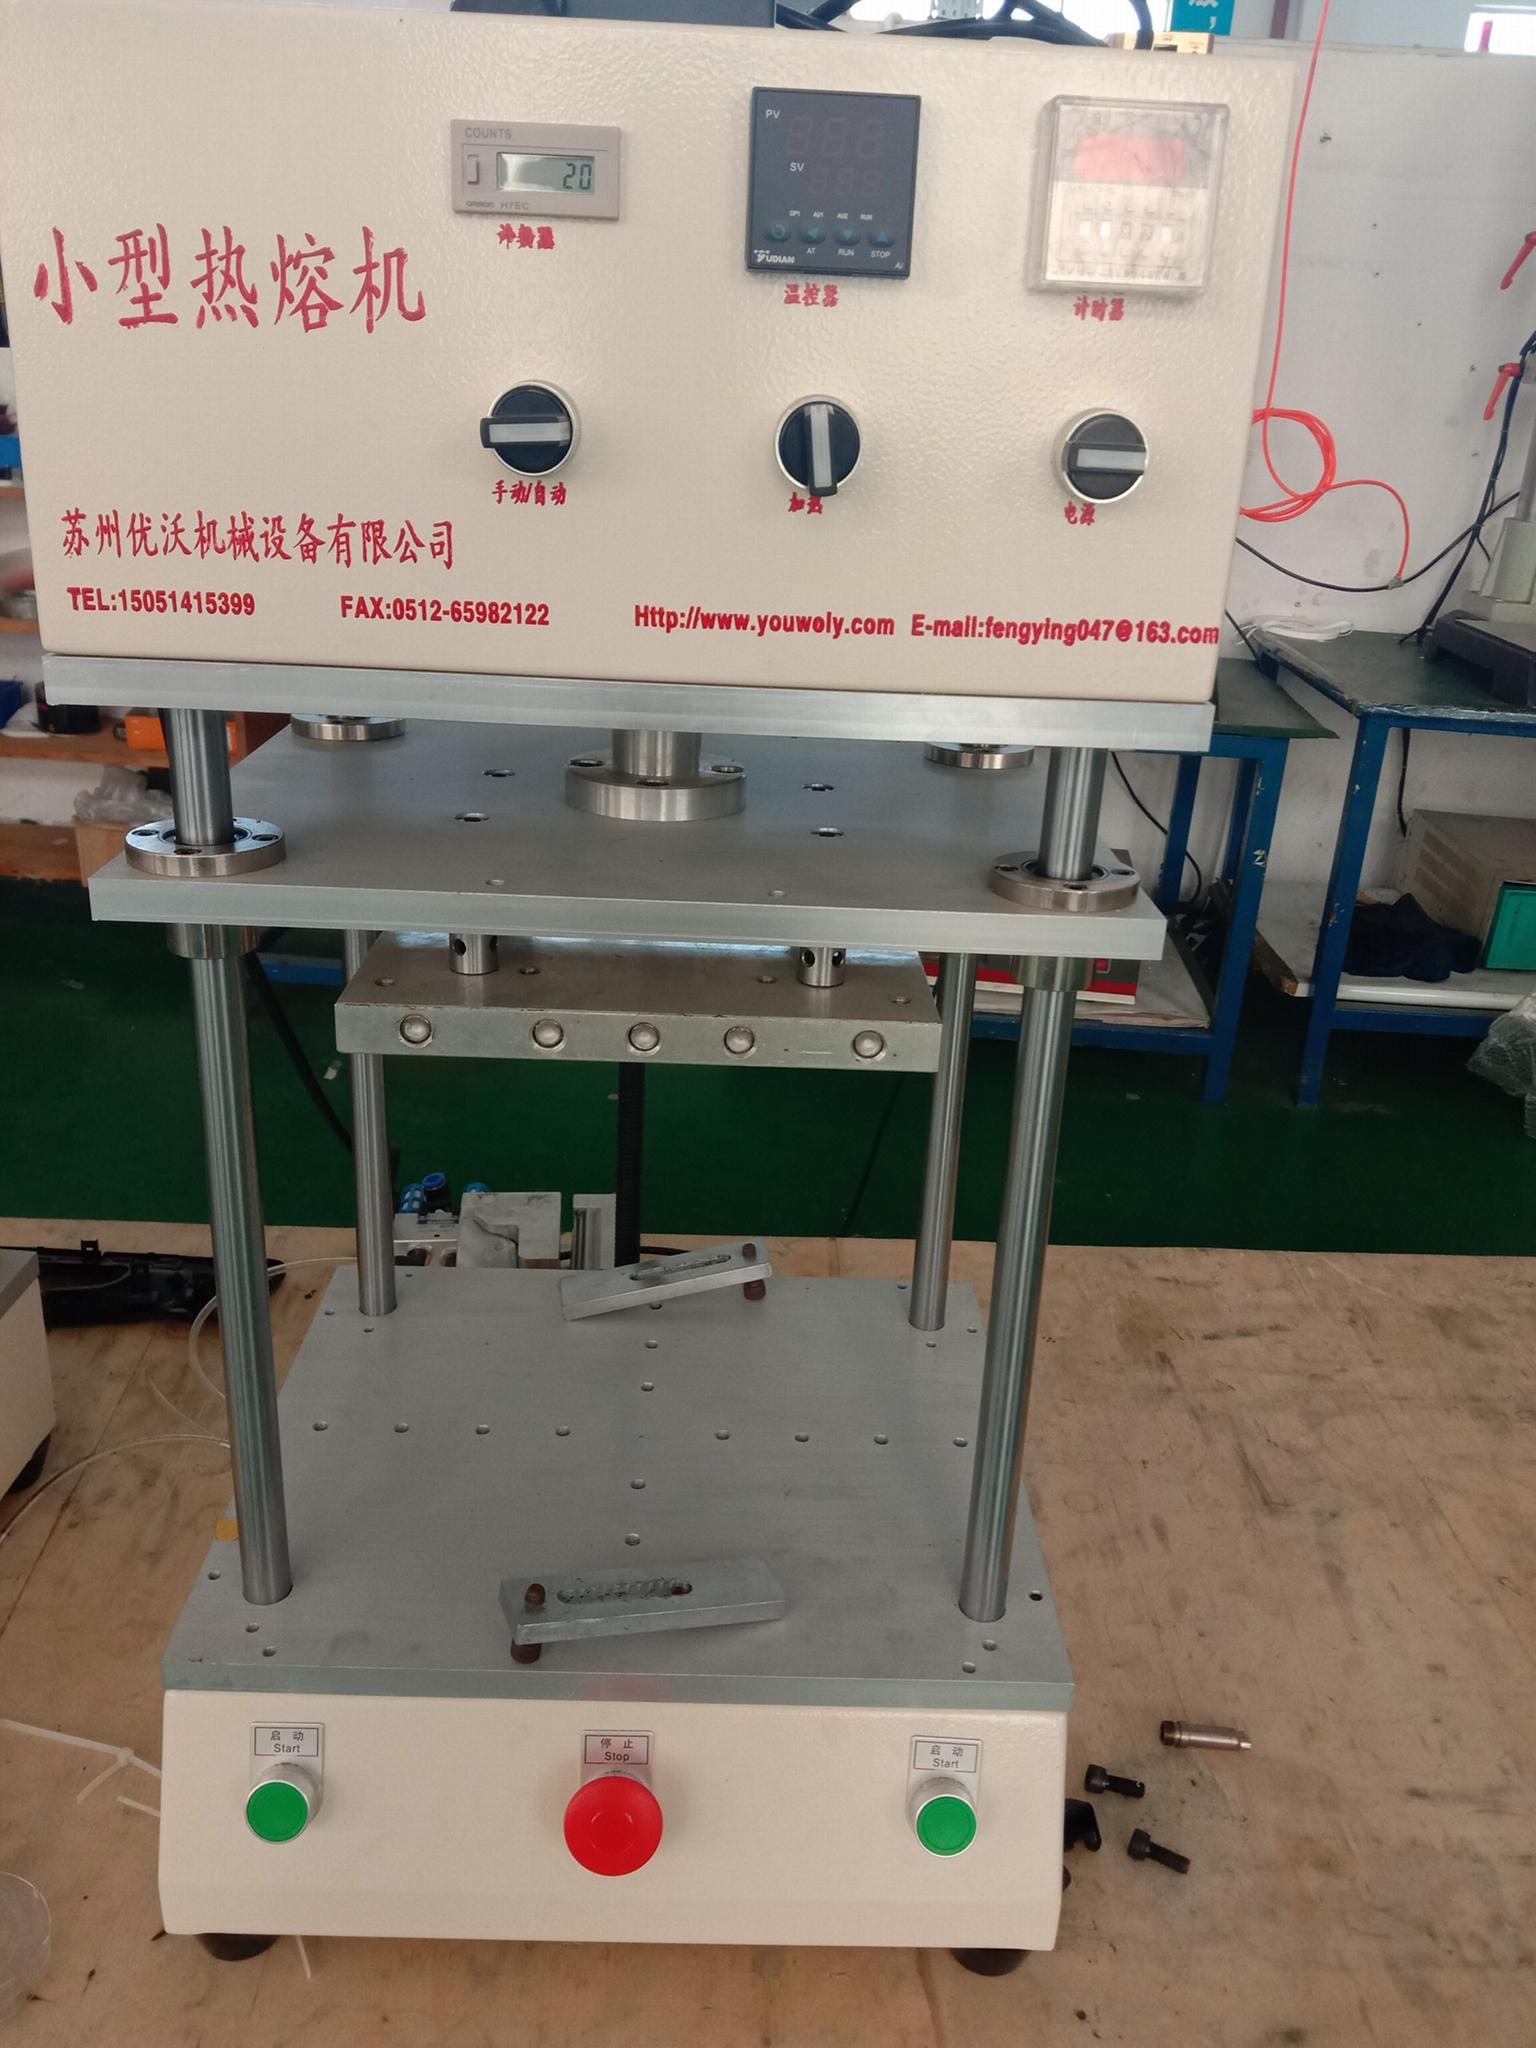 供应自产自销 小型热熔机 铝型材机架 四柱立结构 1800W 1